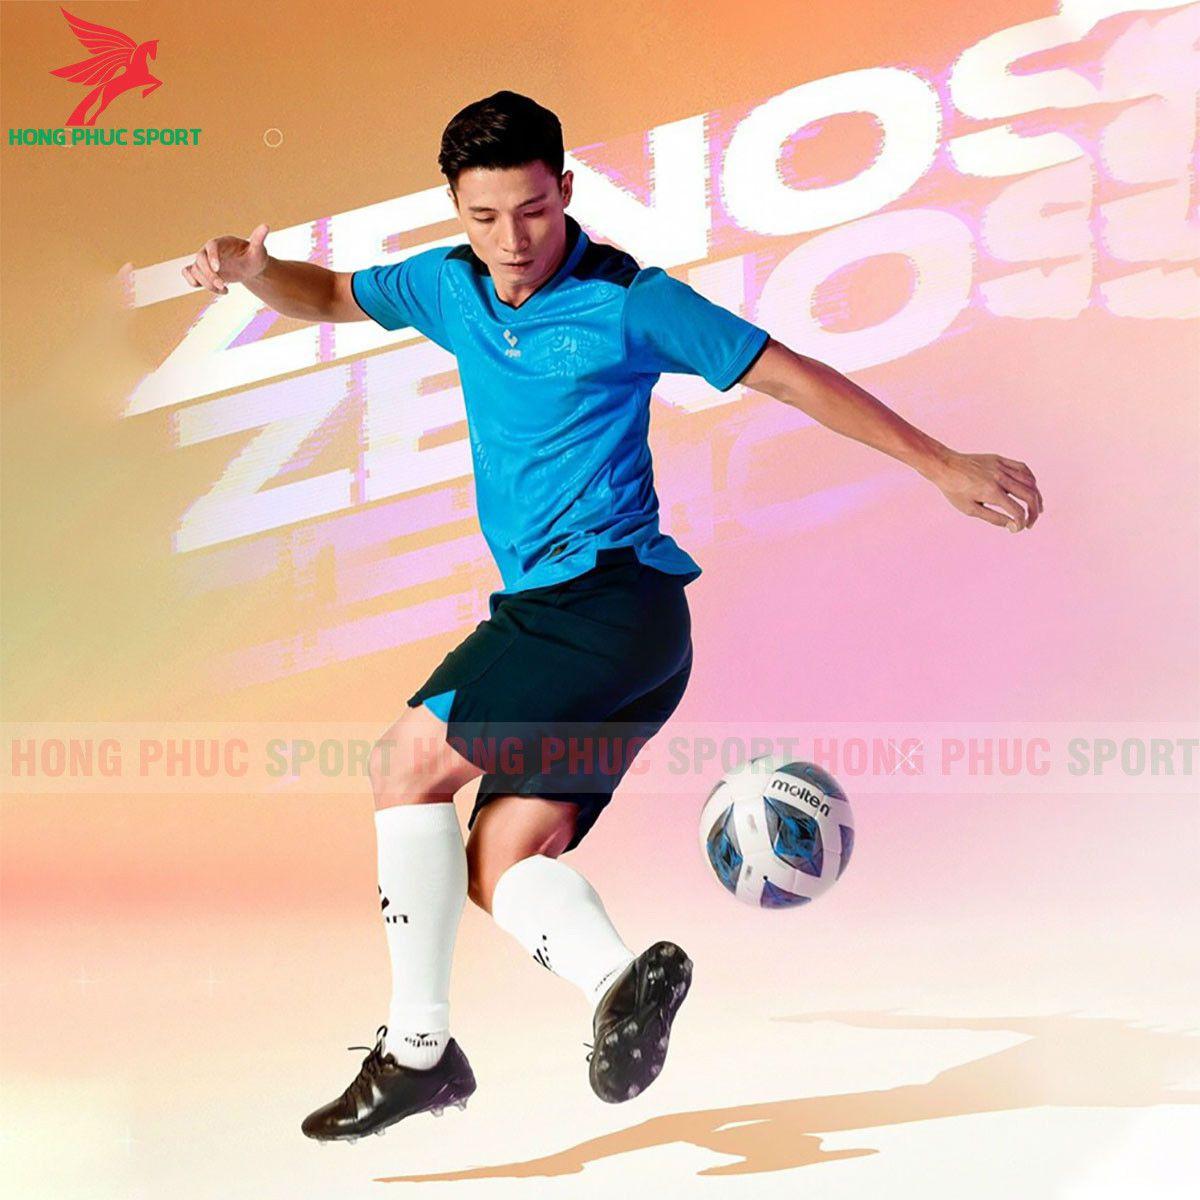 https://cdn.hongphucsport.com/unsafe/s4.shopbay.vn/files/285/ao-bong-da-khong-logo-egan-2021-zenos-xanh-da-troi-60f5436c05bda.jpg